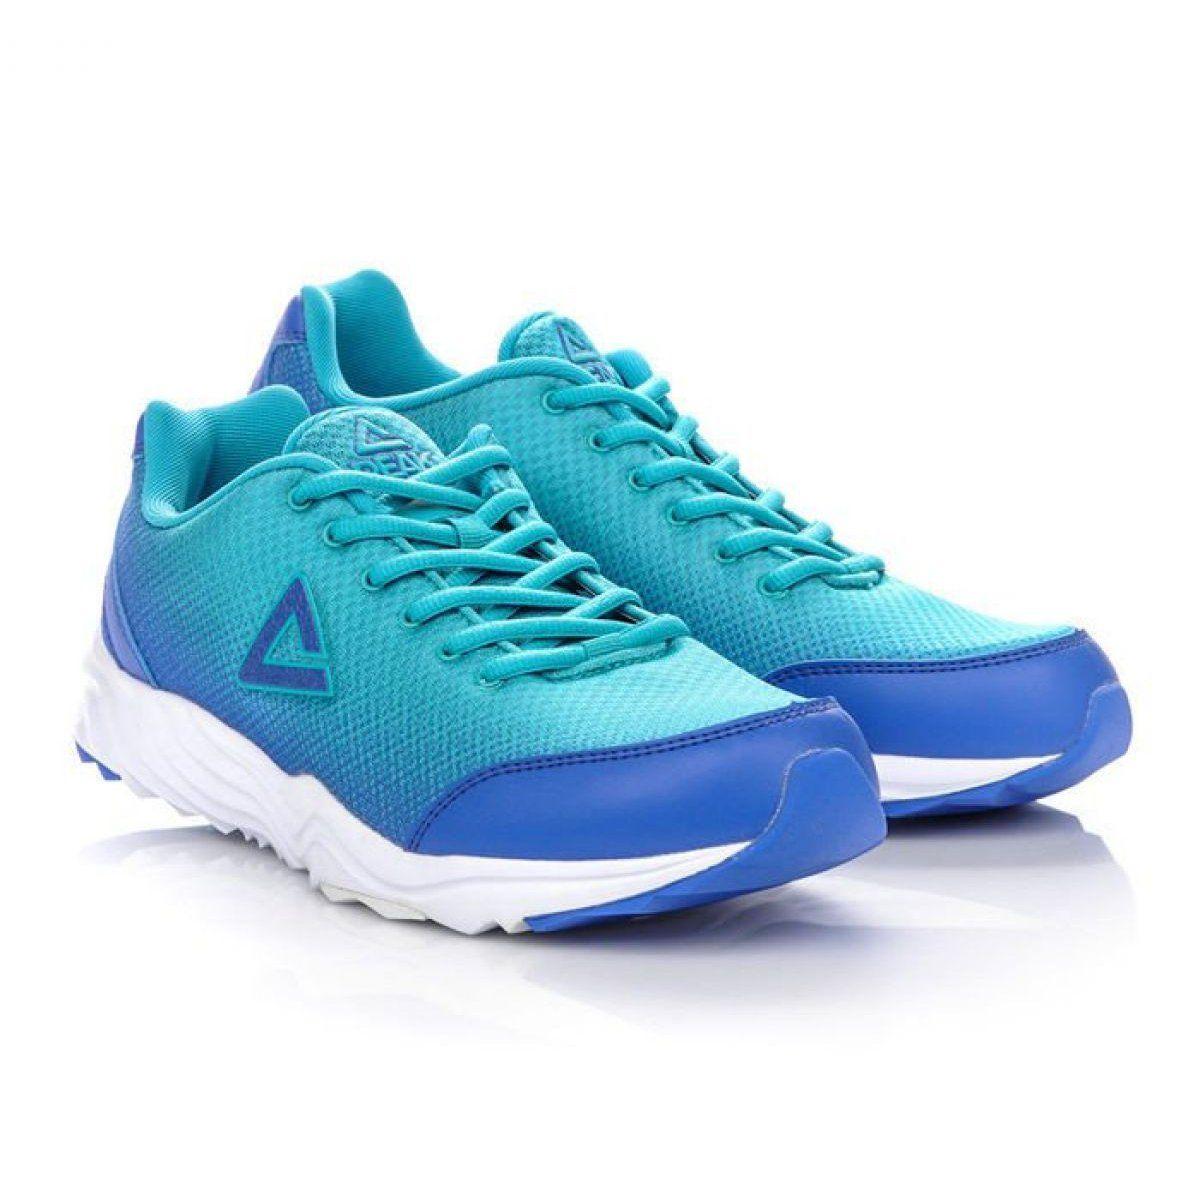 Buty Biegowe Peak E43147h M 61265 61268 Niebieskie Zielone Sneakers Shoes Brooks Sneaker